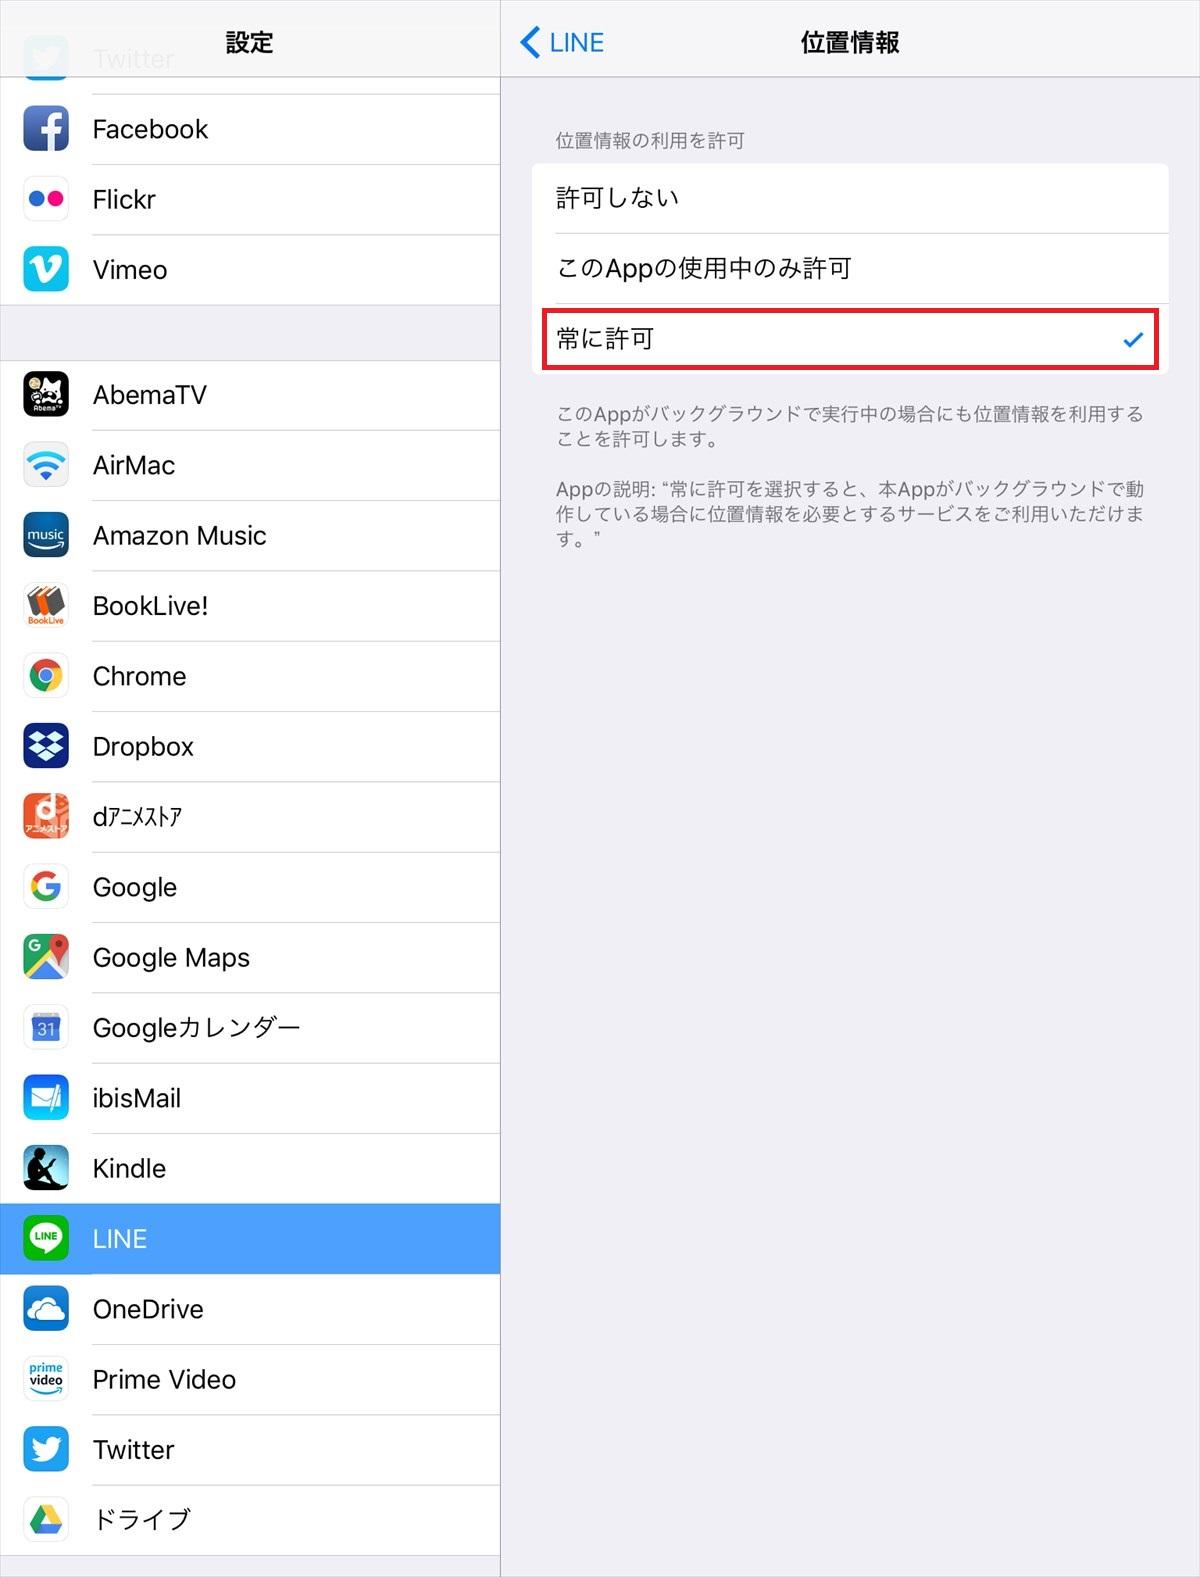 iPad_設定_LINE_位置情報